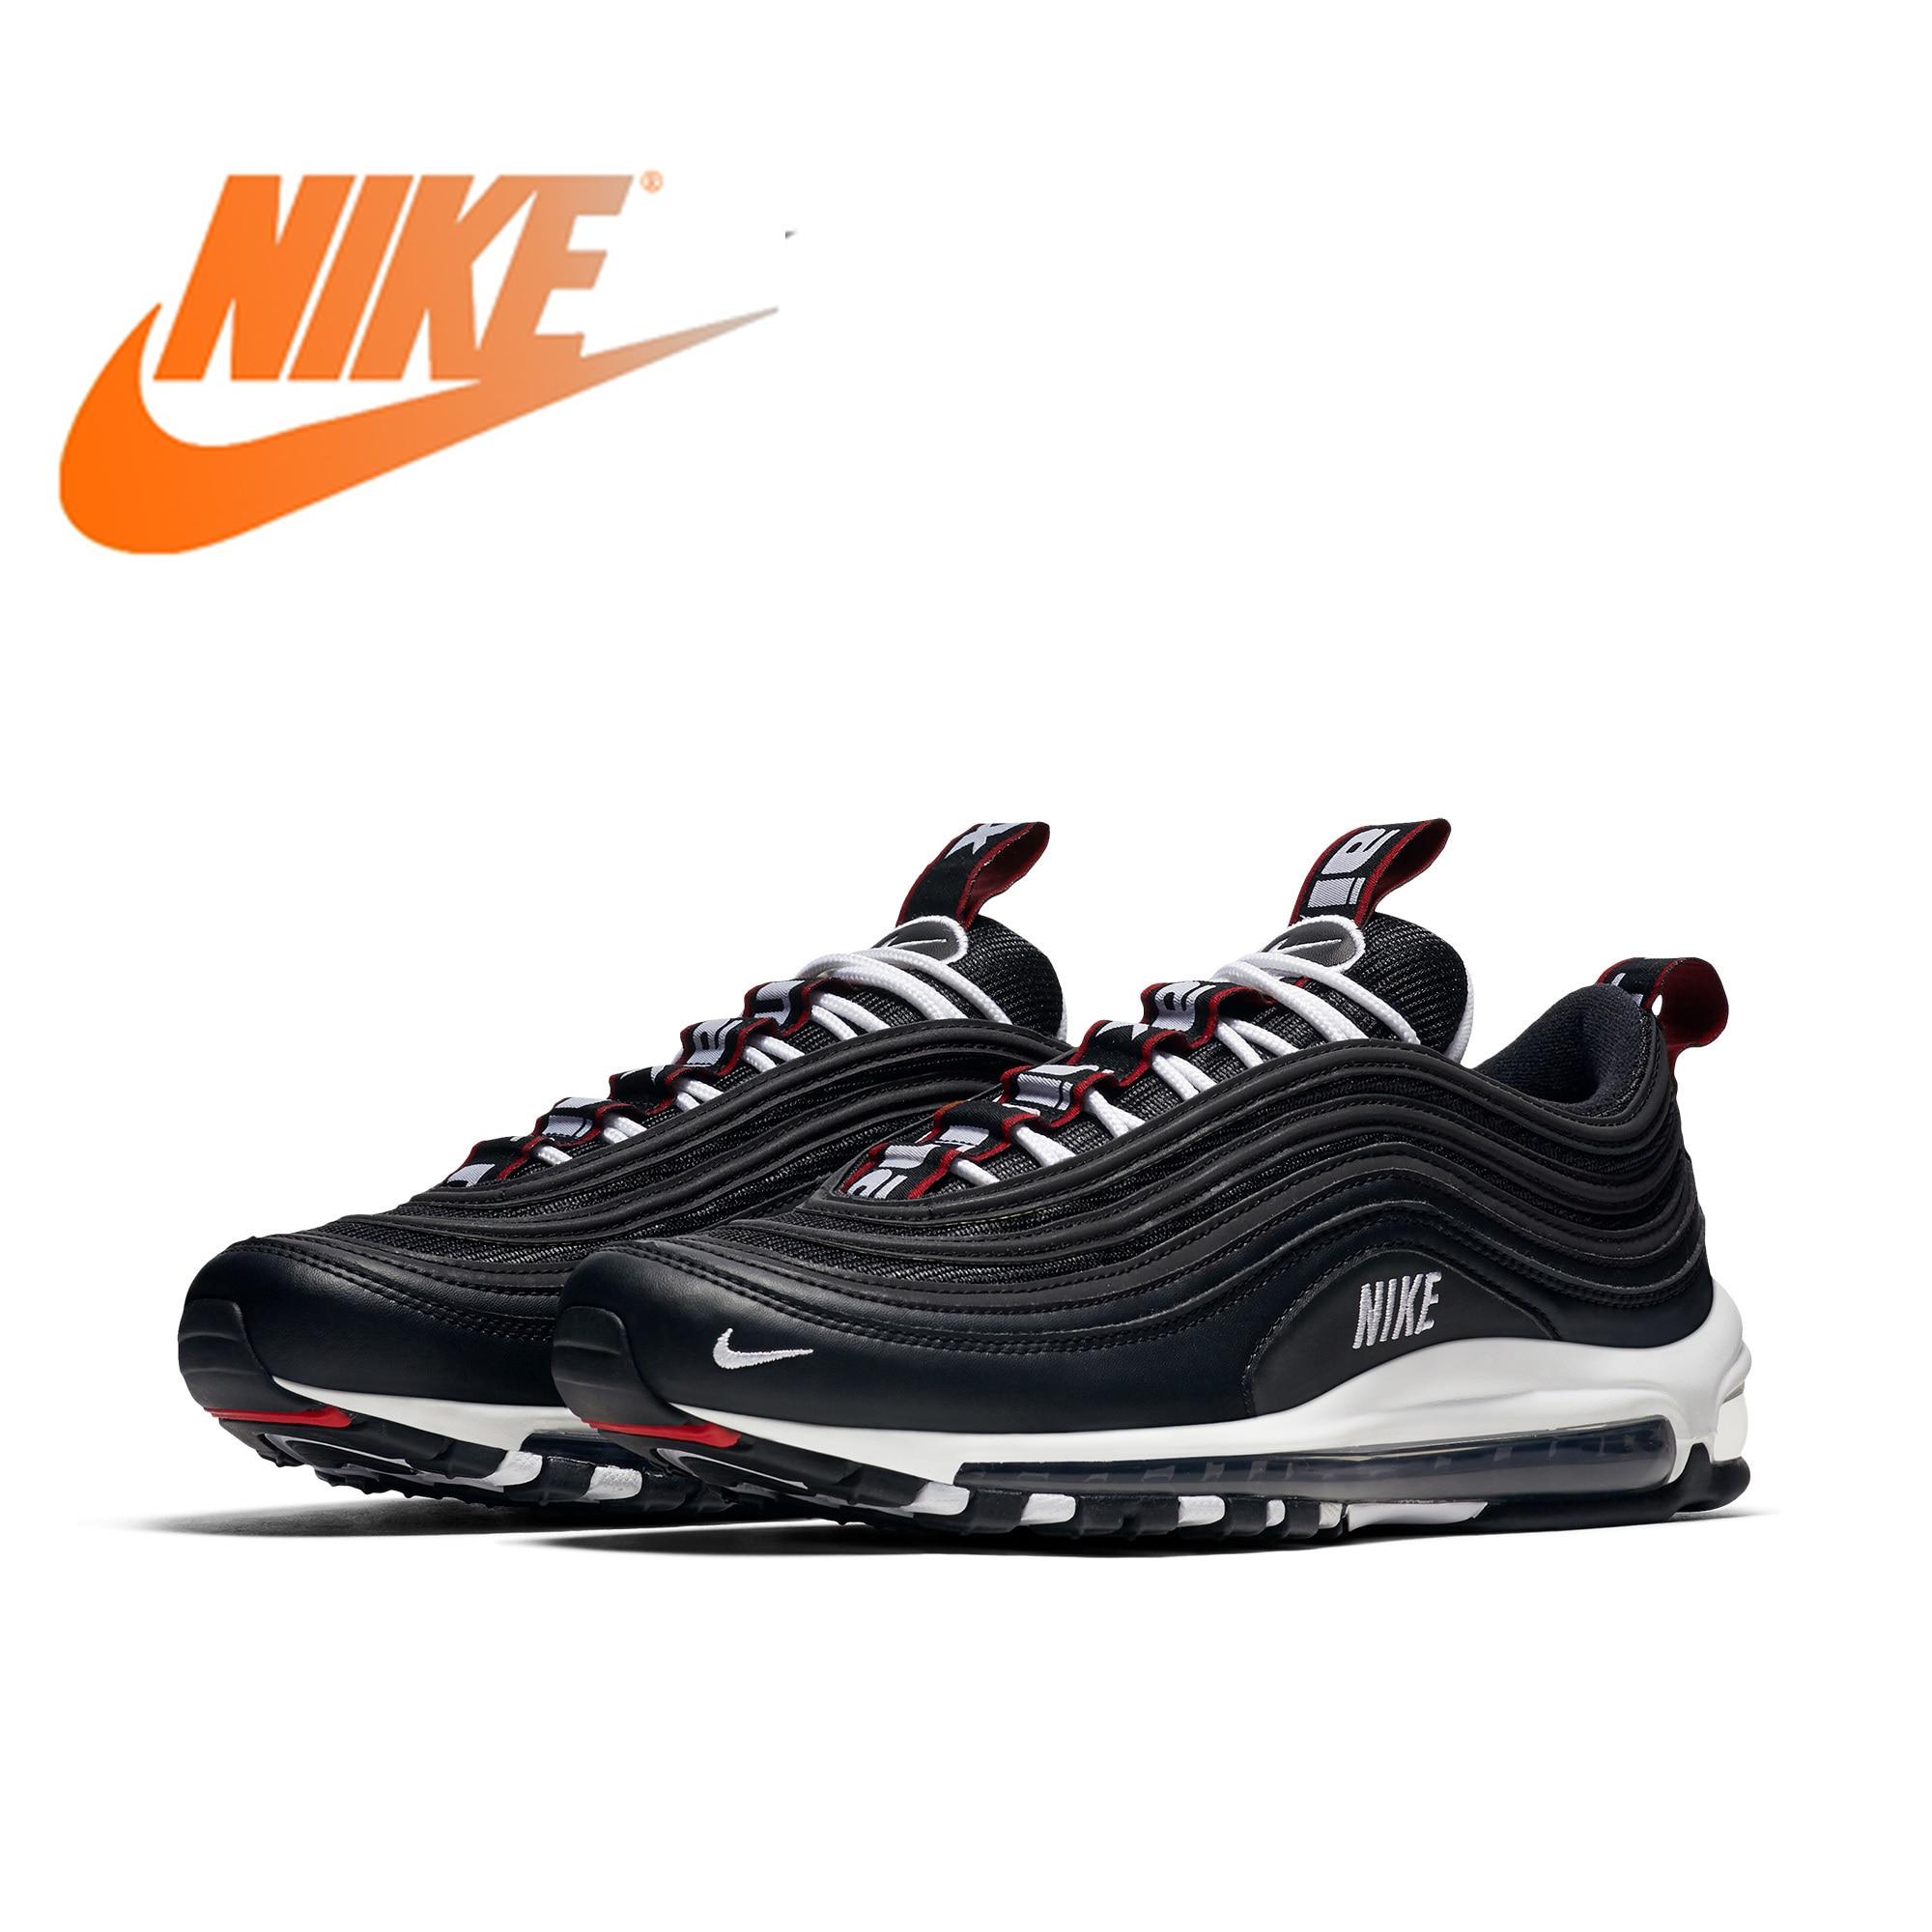 Original autêntico nike air max 97 sapatos de corrida masculinos premium tendência esportes ao ar livre sapatos confortáveis e duráveis 312834